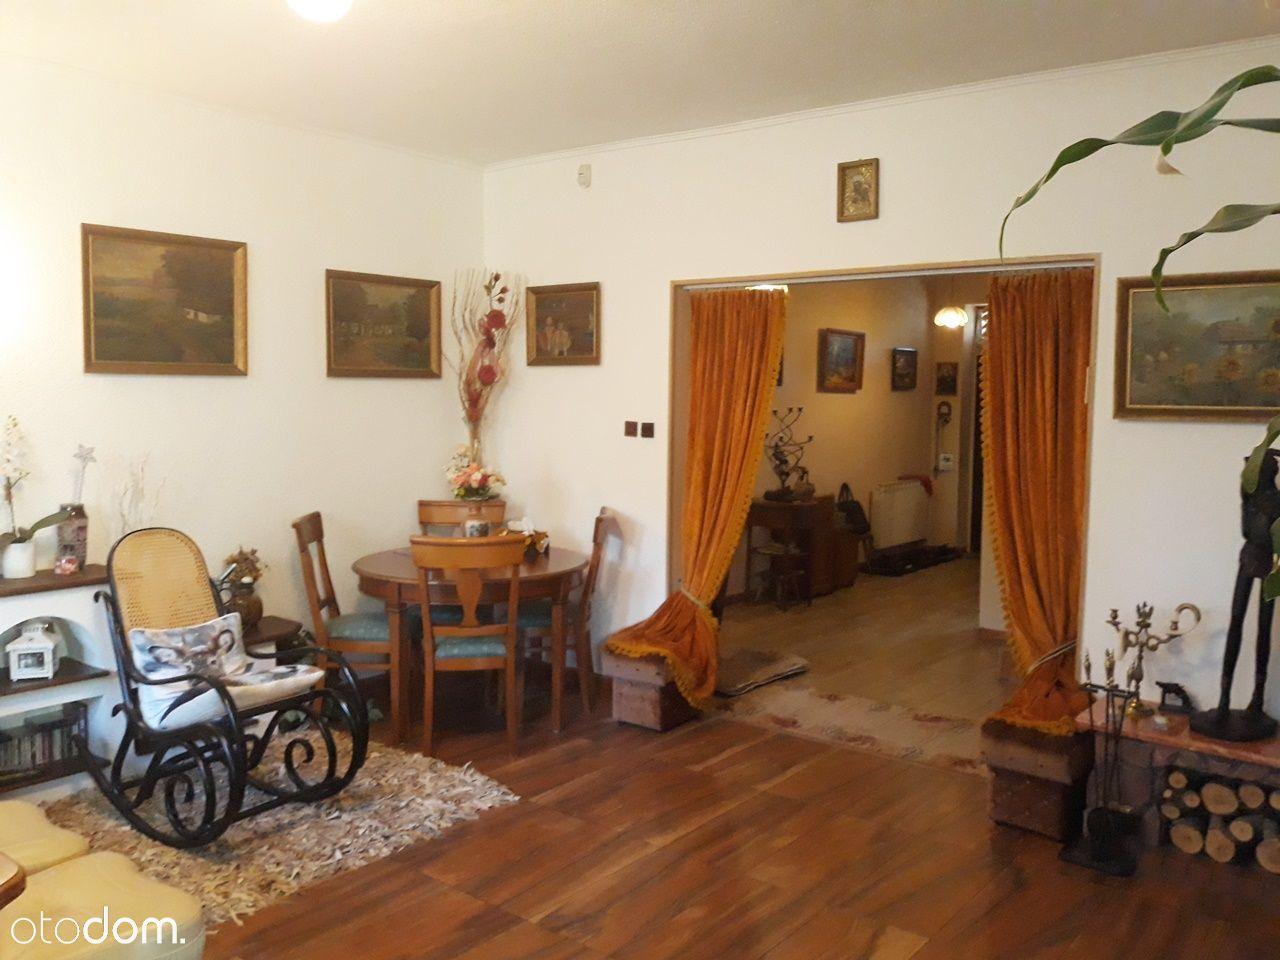 Dom na sprzedaż, Głosków-Letnisko, piaseczyński, mazowieckie - Foto 13